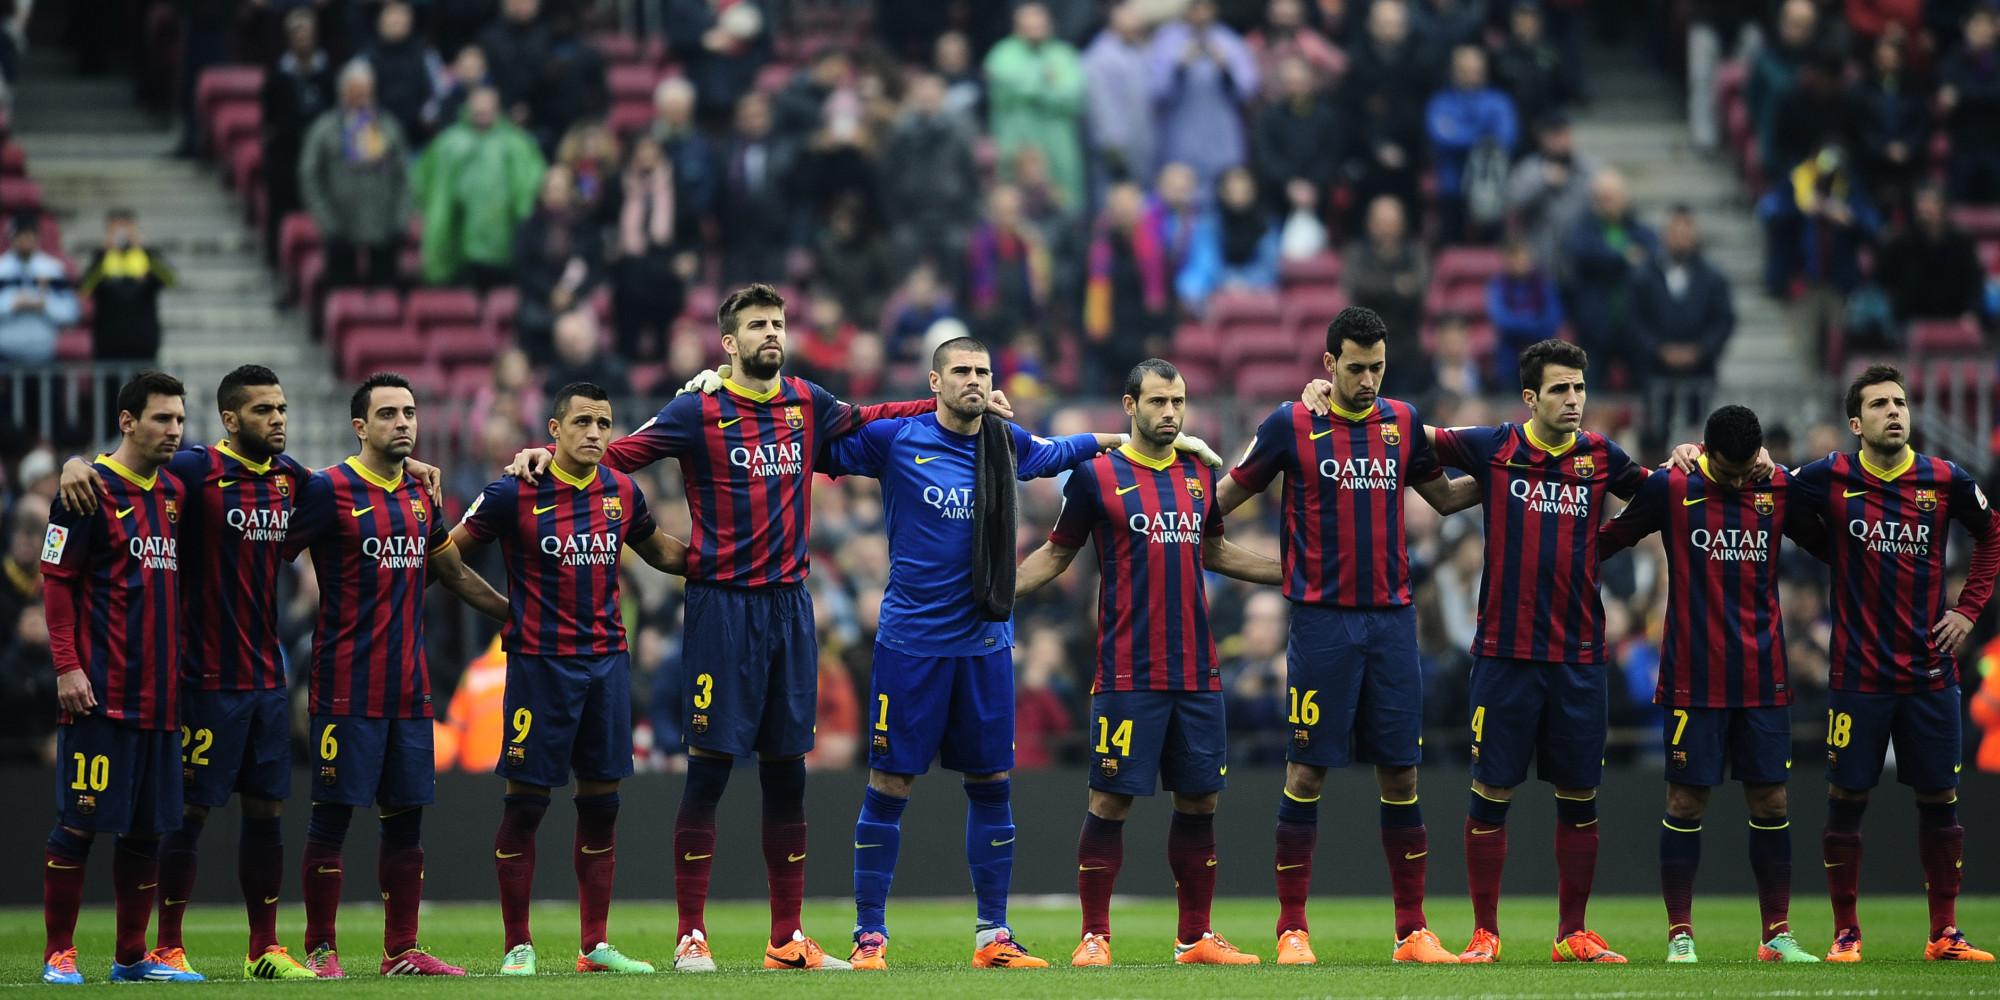 Barcelona'ya ilginç teklif